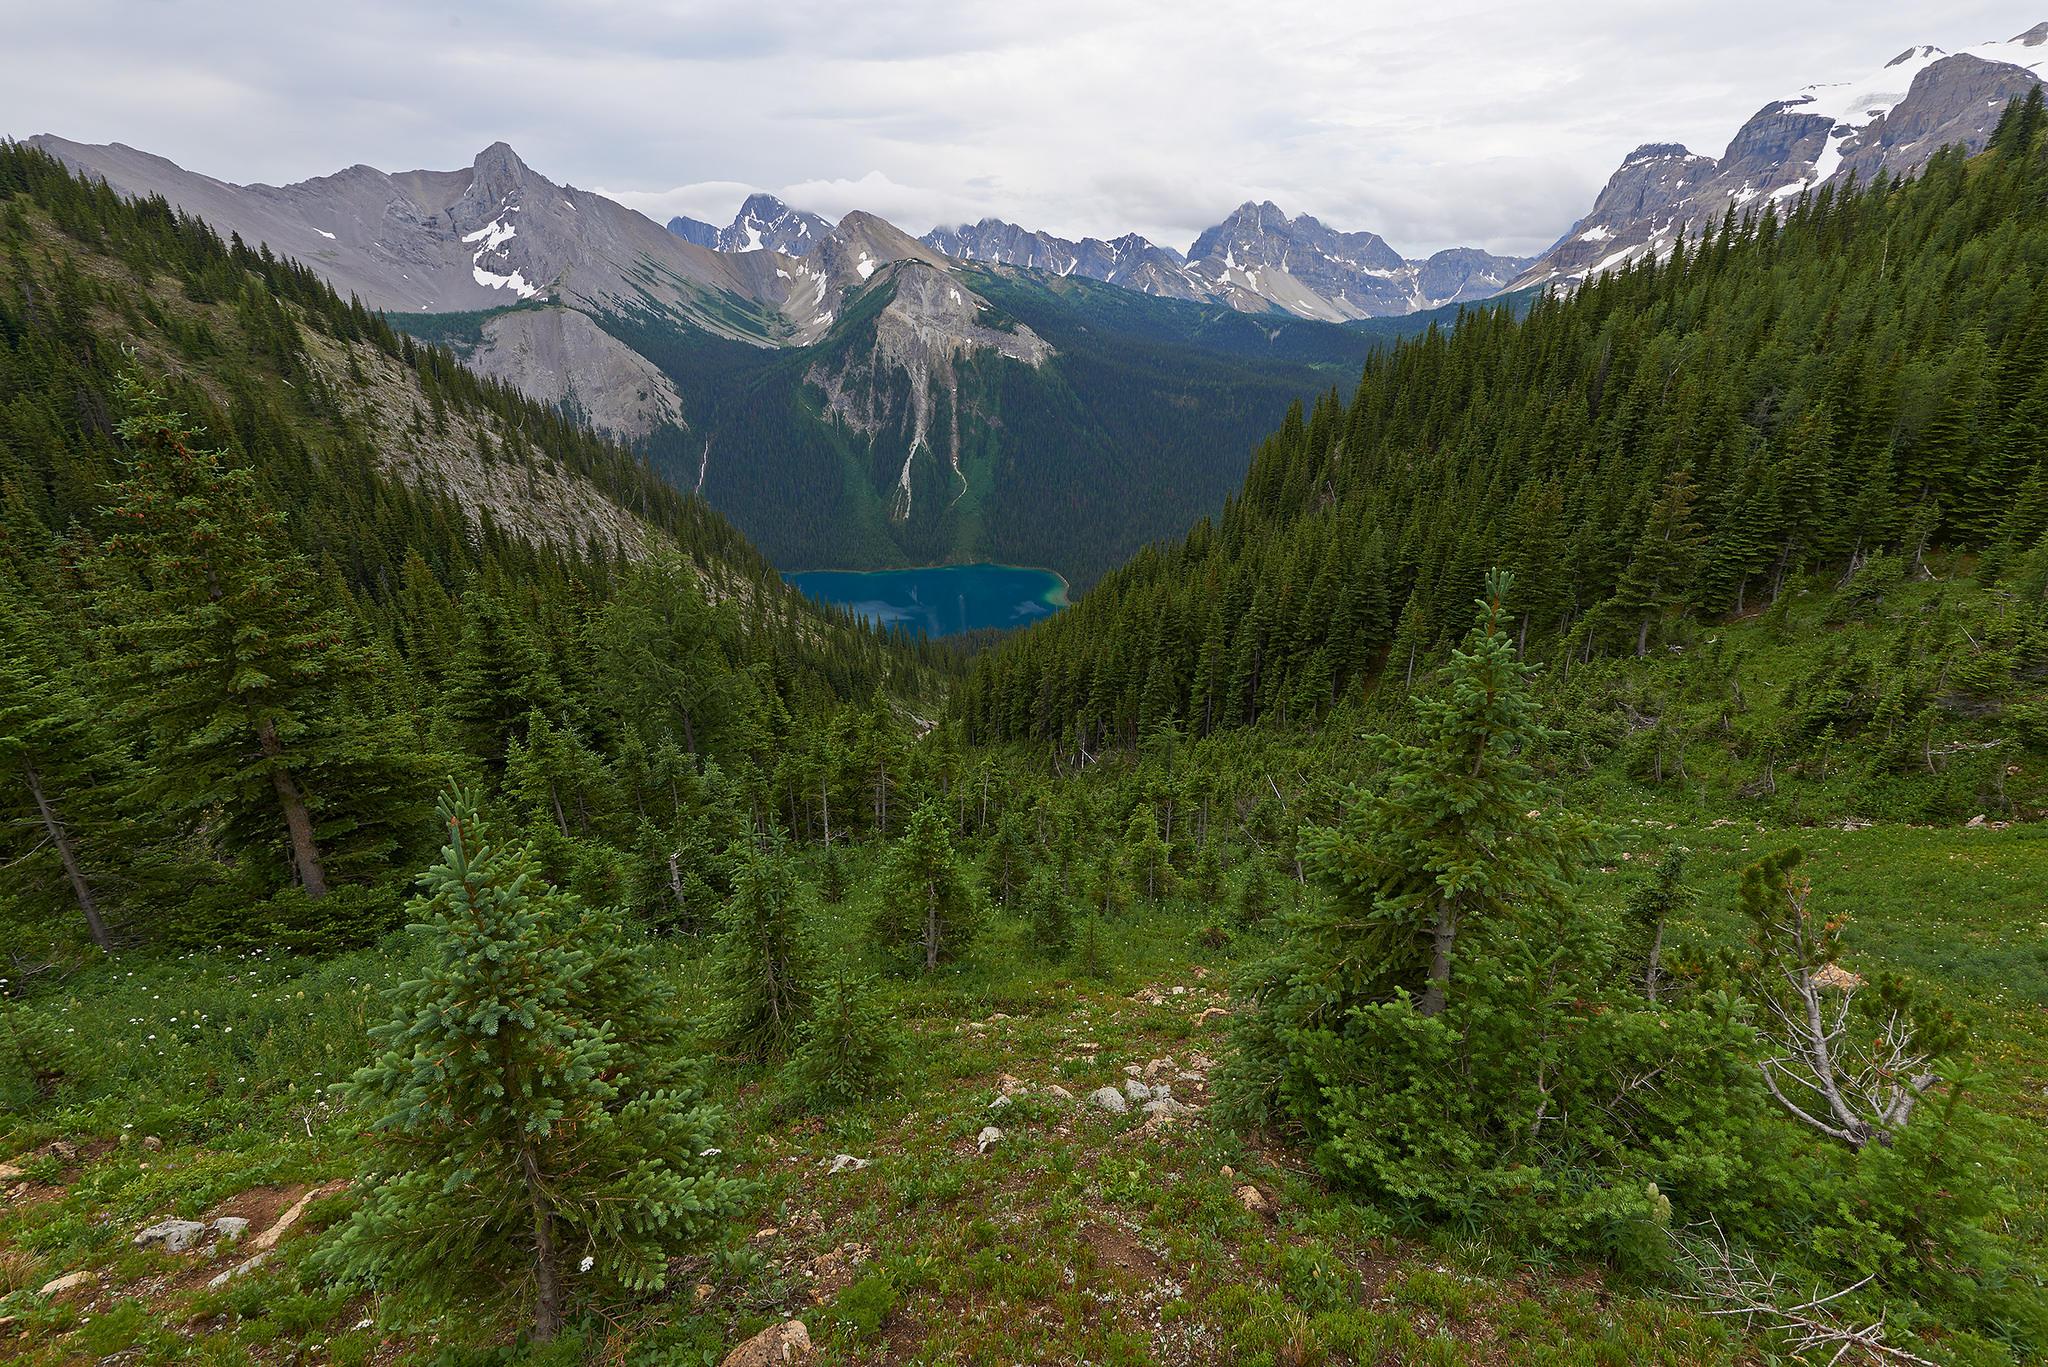 Британская Колумбия, Канада, лес